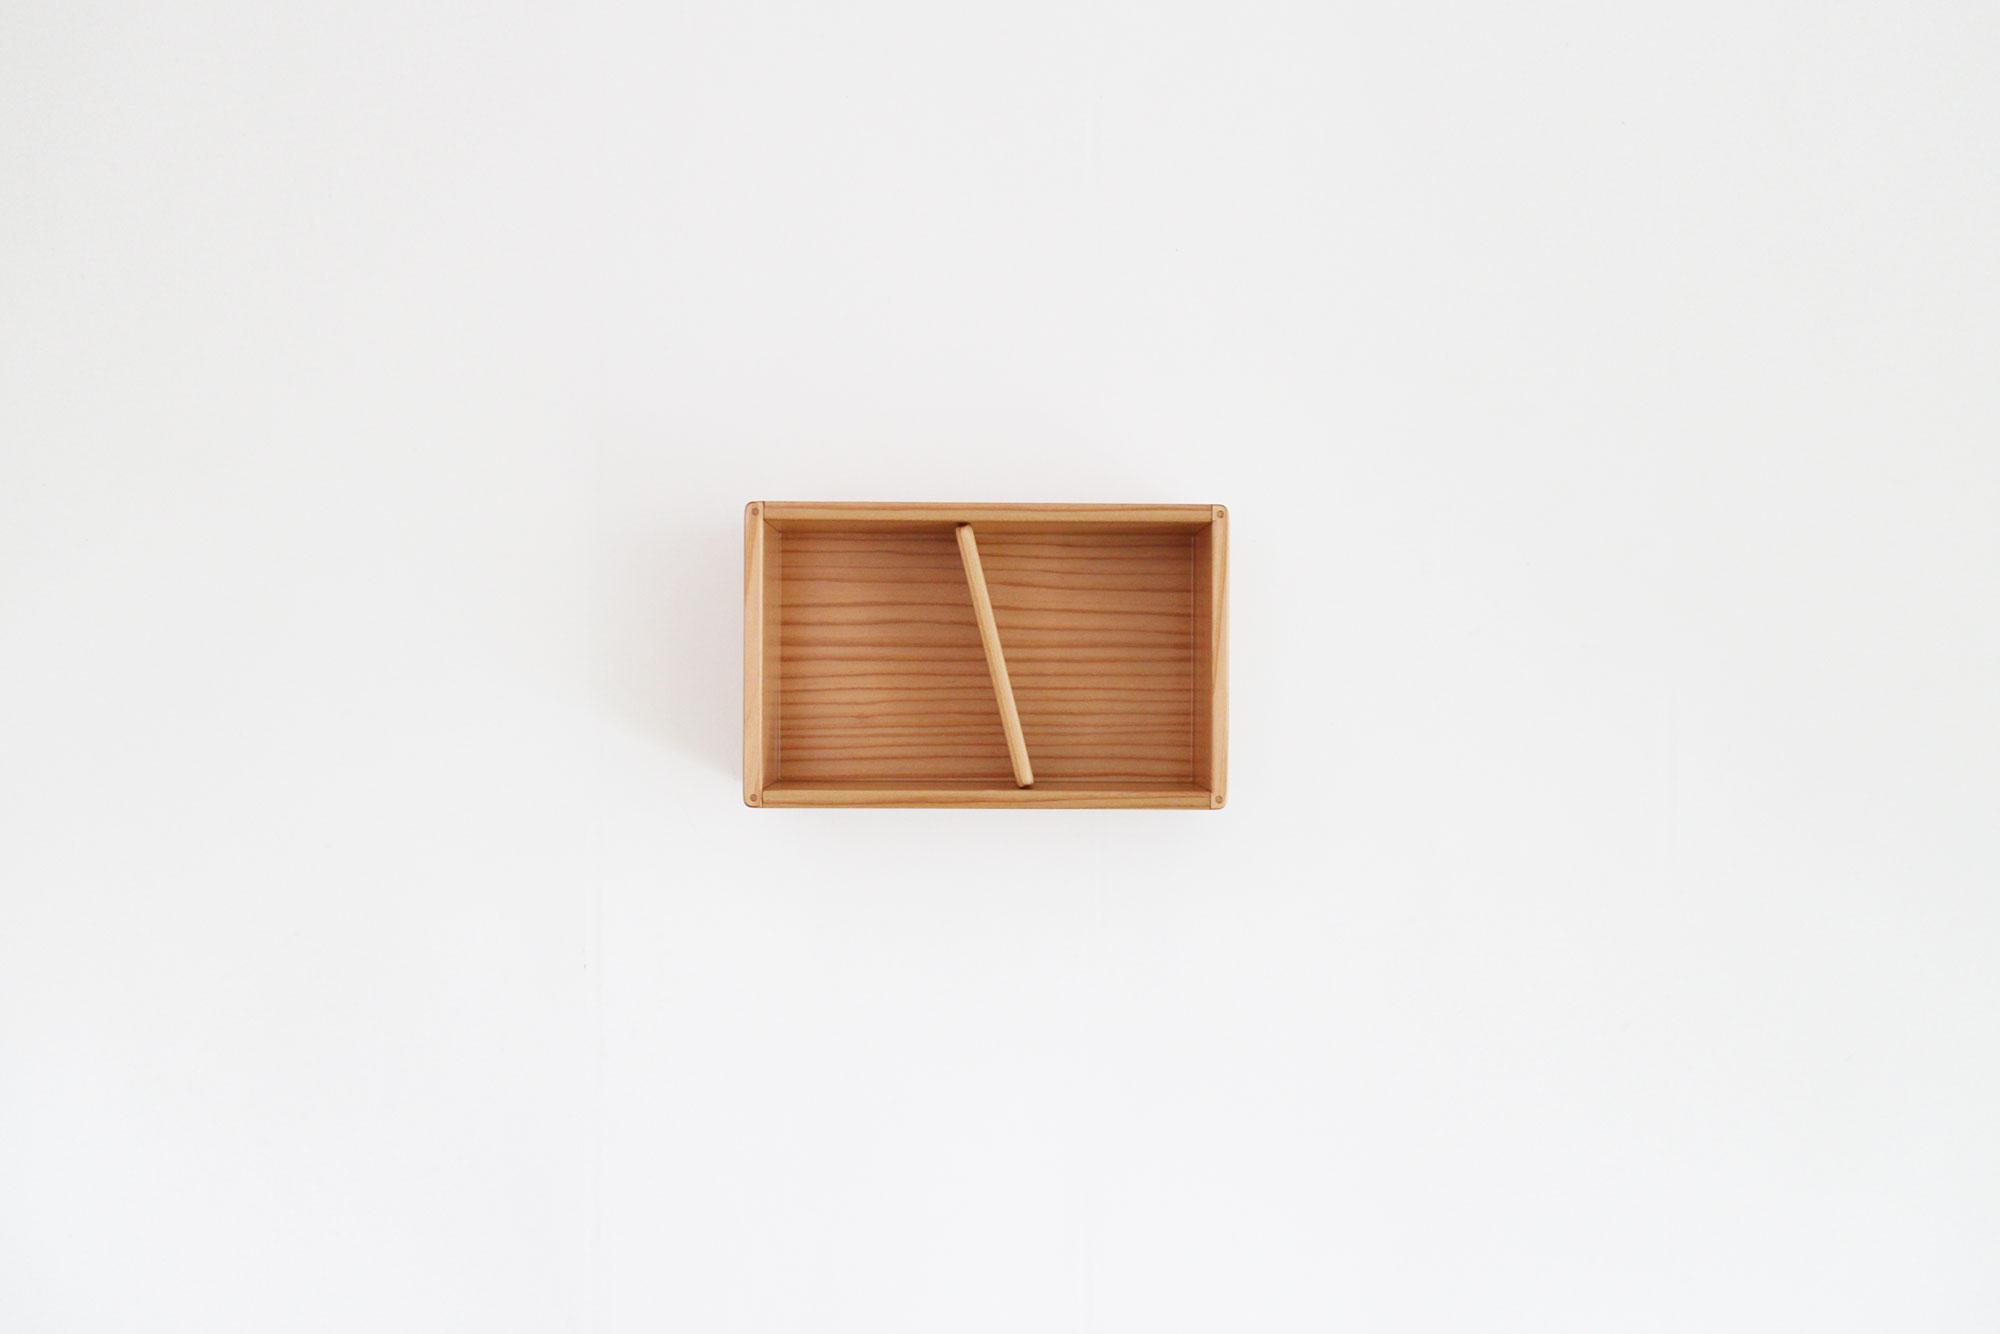 黒木クラフト工房 一段弁当箱(16×10cm)